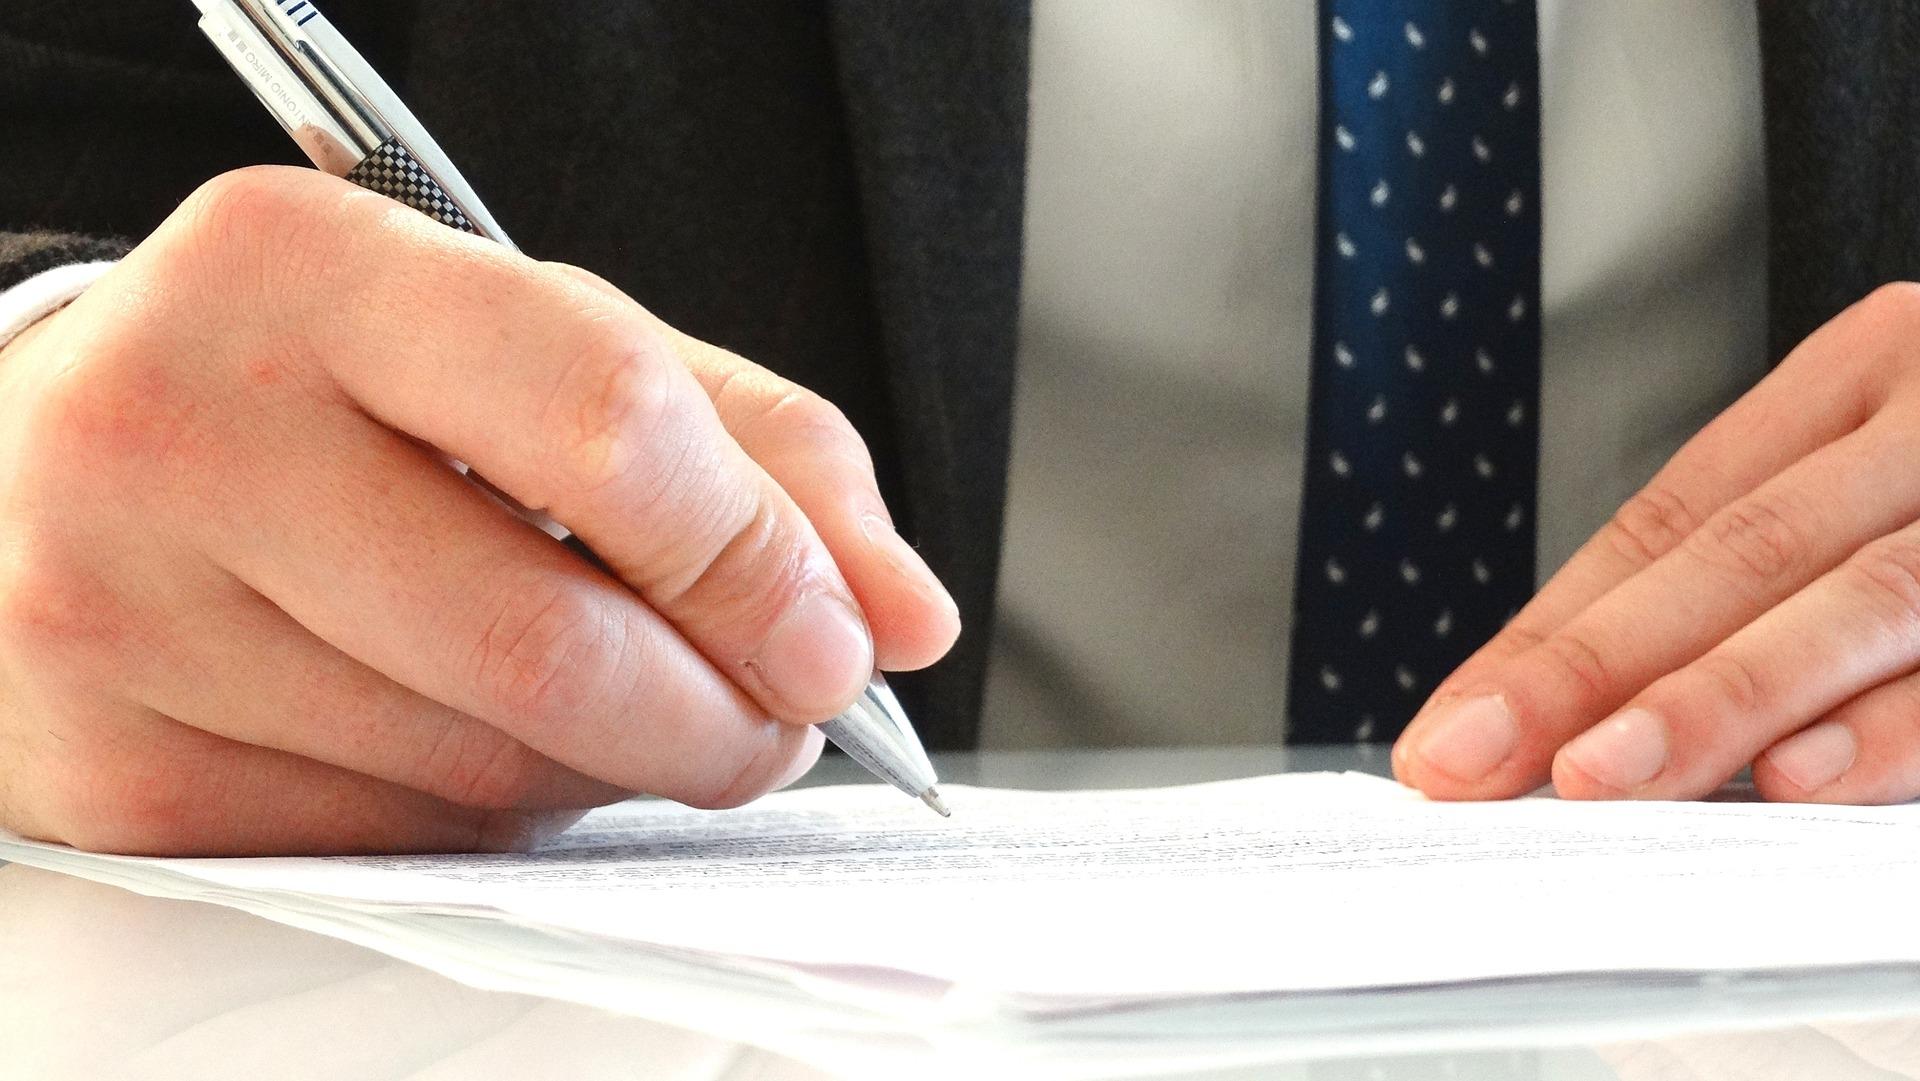 תפקידו של עורך דין בתביעות ביטוח